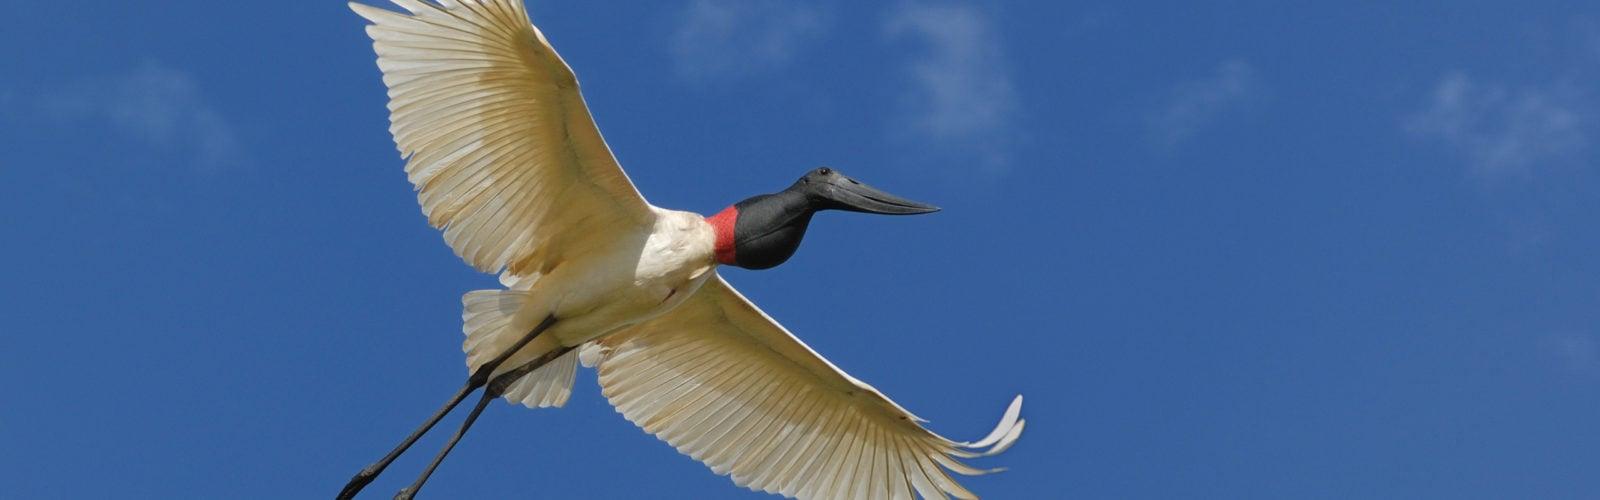 pantanal-stork